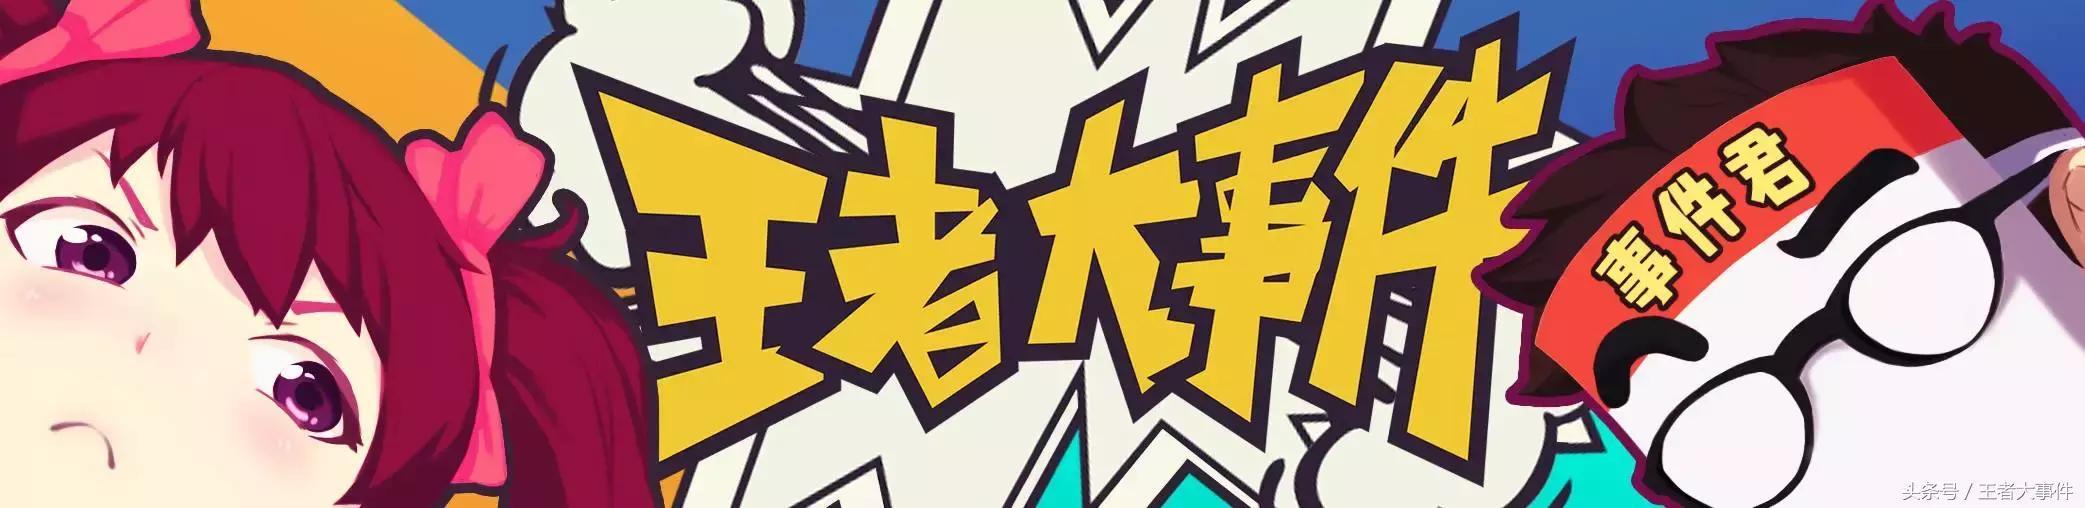 王者荣耀:兰陵王新皮肤帅出天际!王昭君模型史诗级优化!